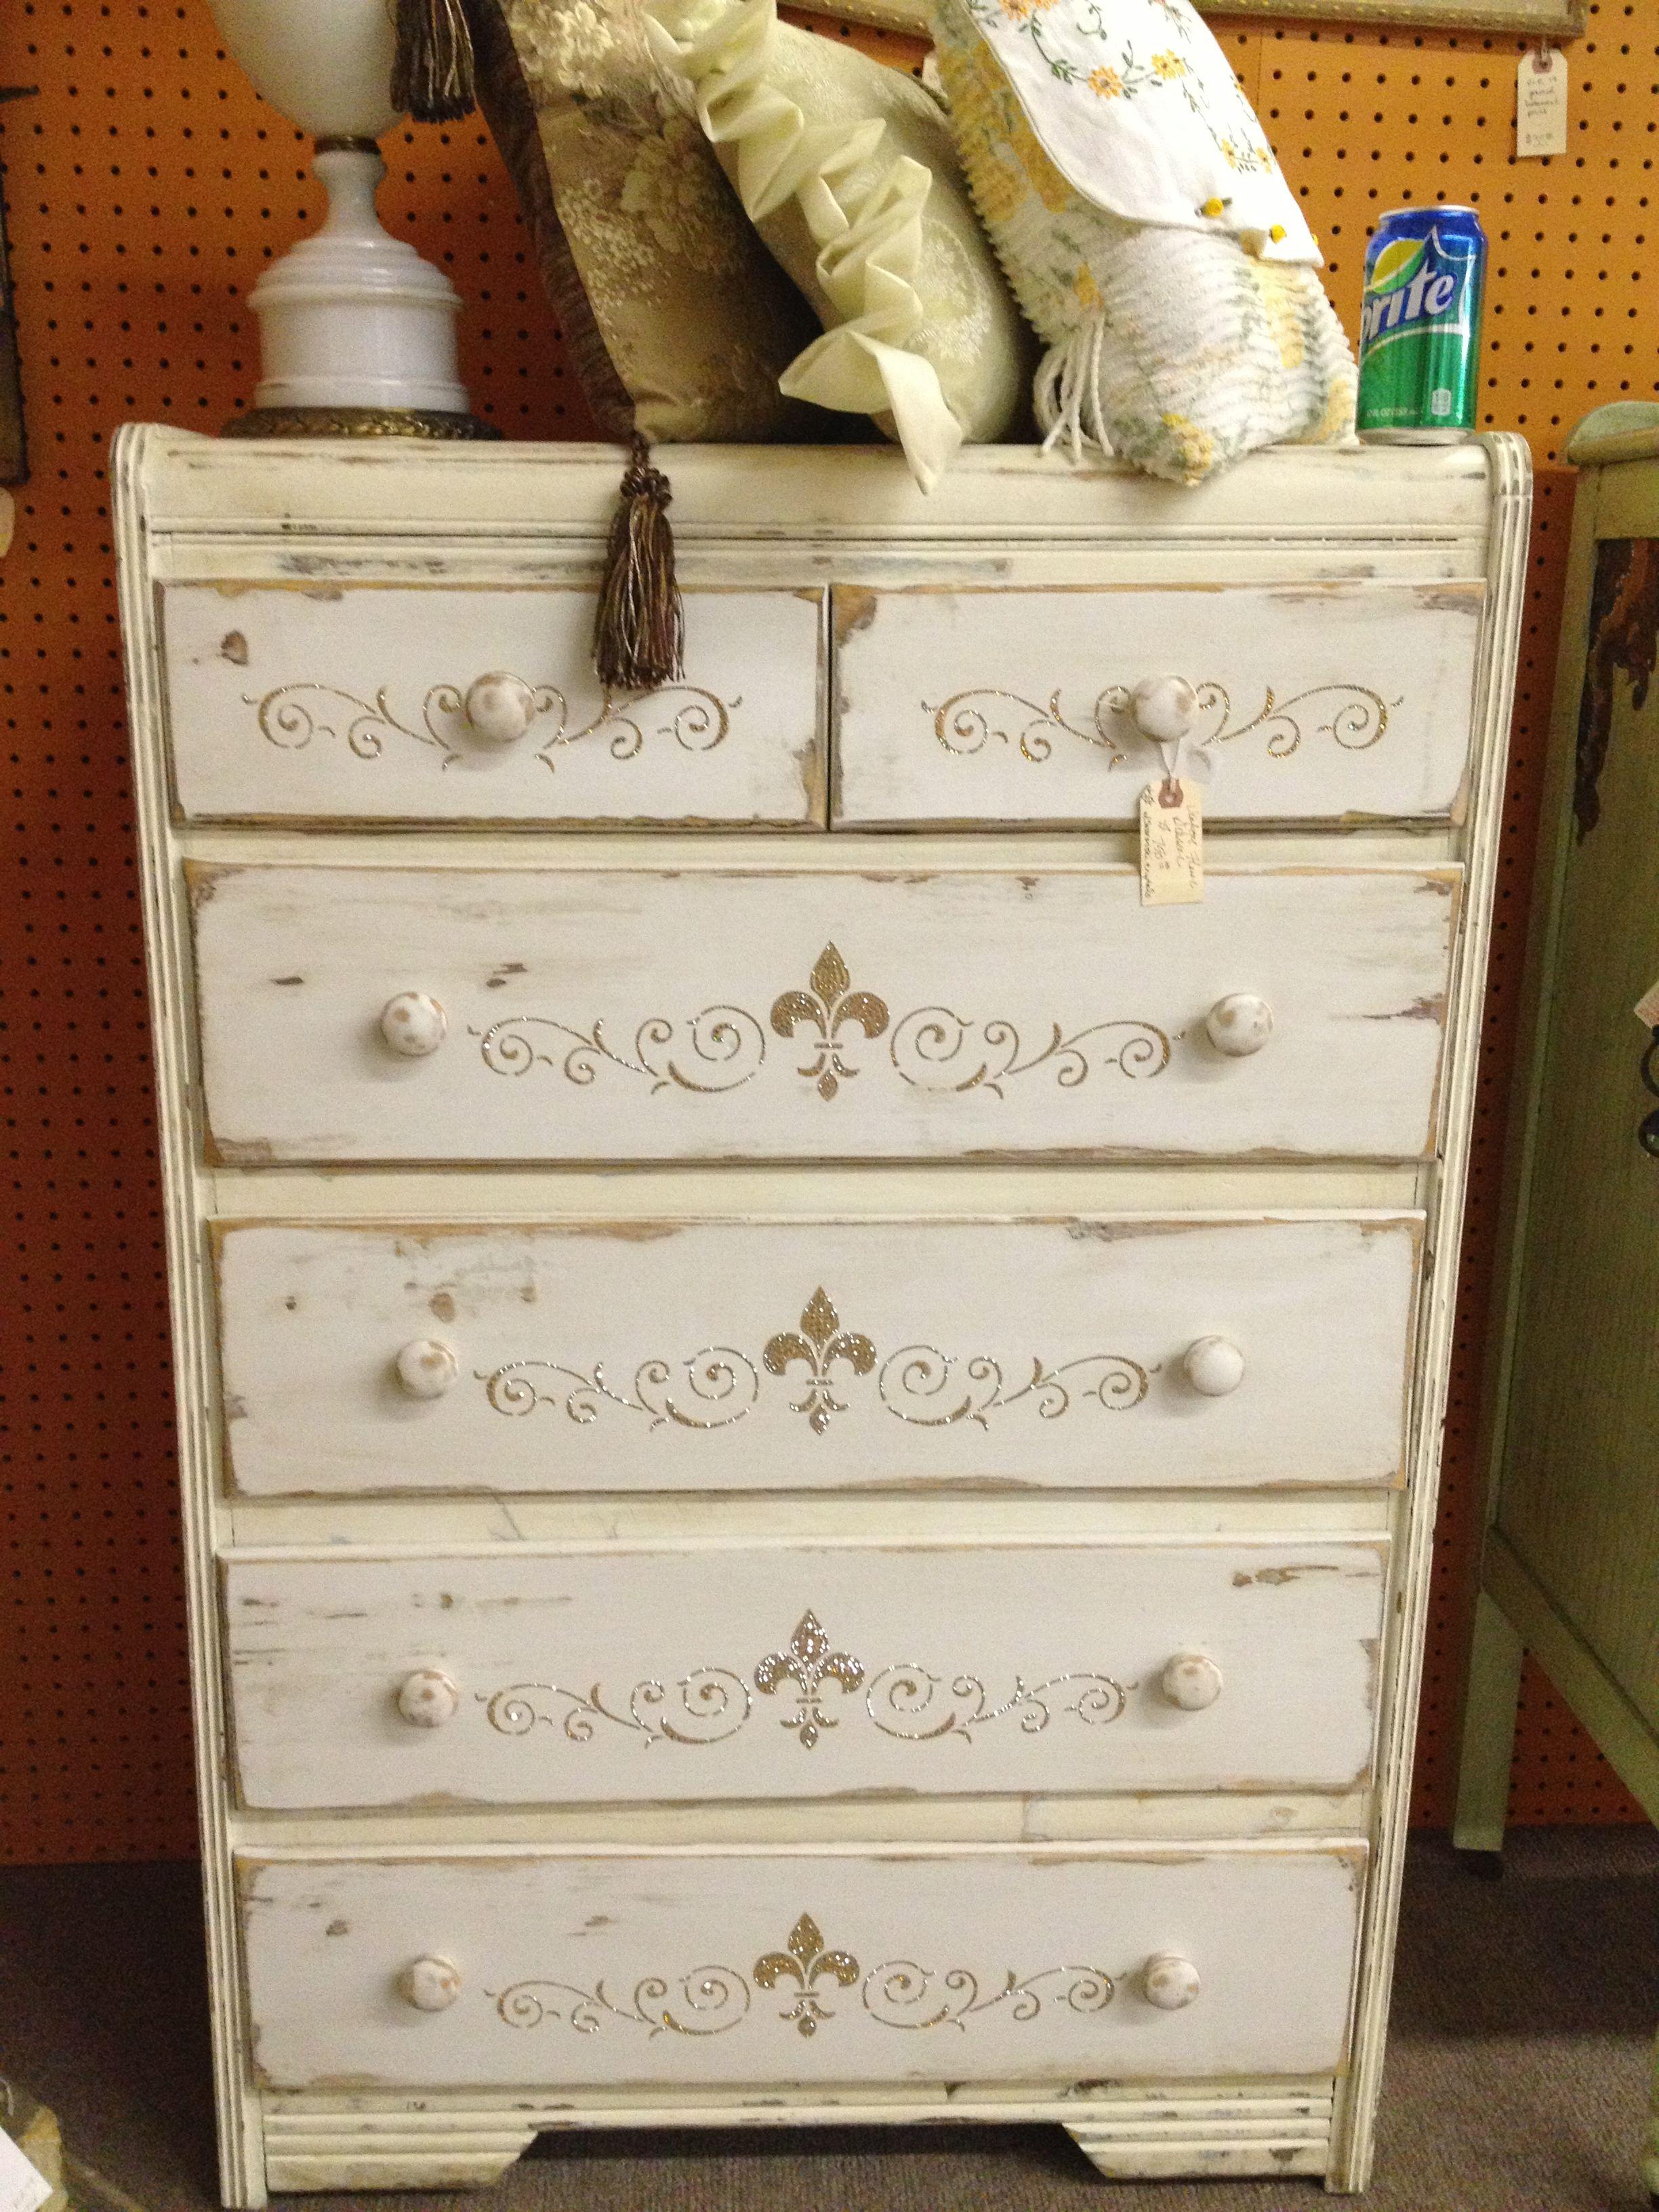 Rhinestone Painted Dresser Shabby Chic